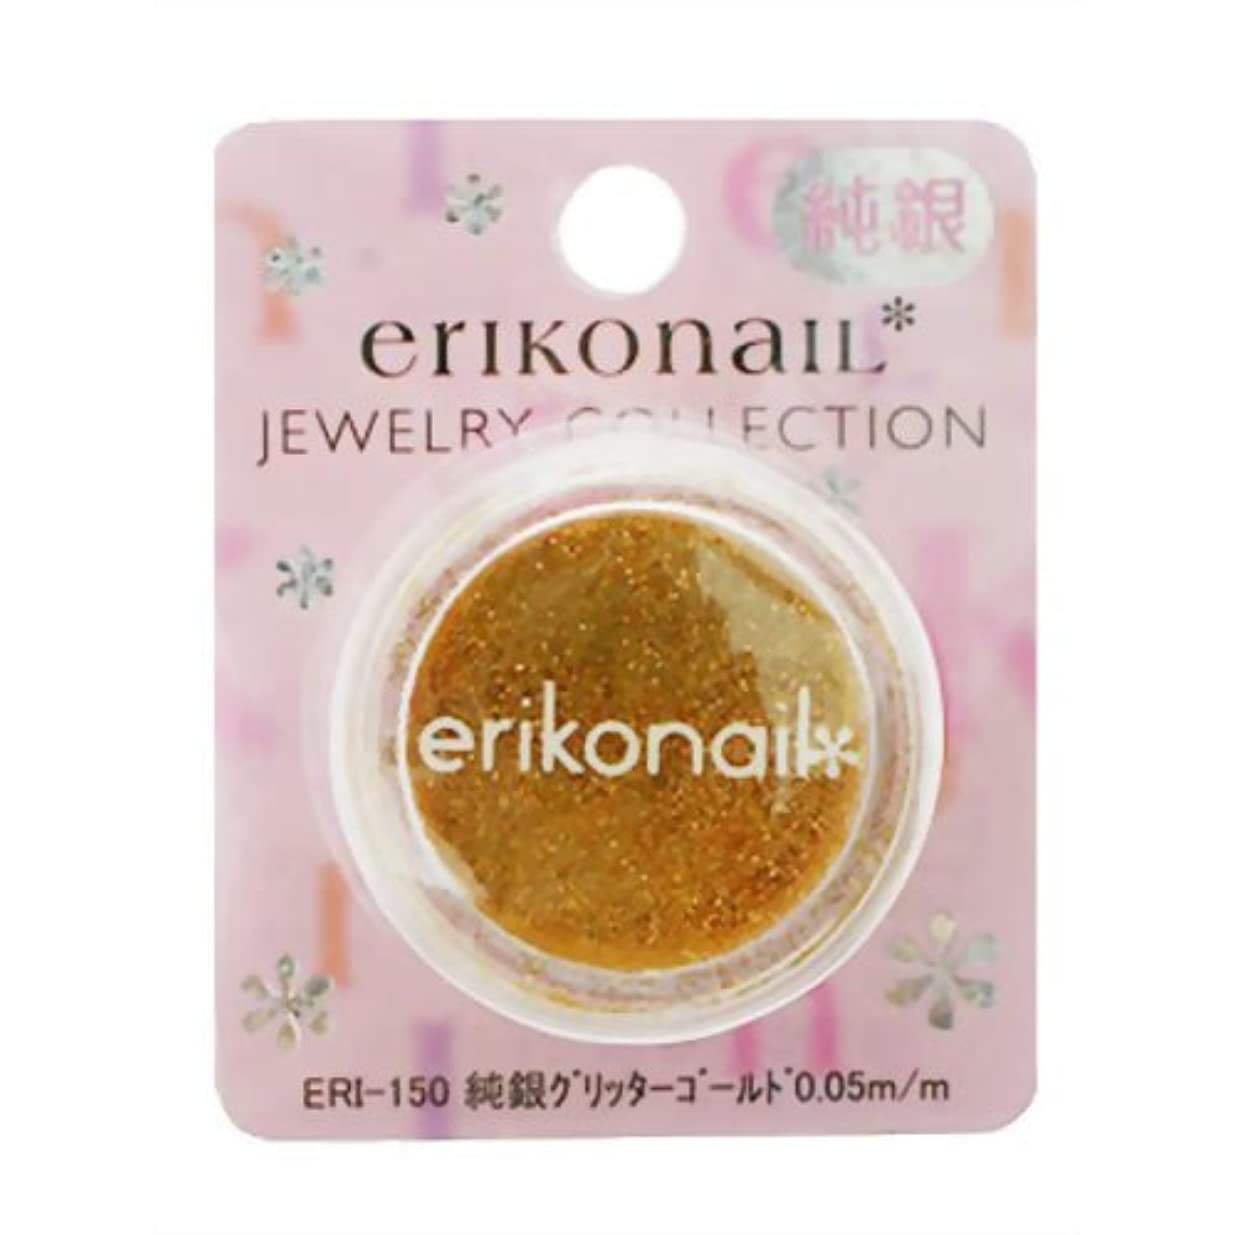 血色の良いウルルあえて黒崎えり子 エリコネイル ジュエリーコレクション ERI-150 純銀グリッターゴールド0.05